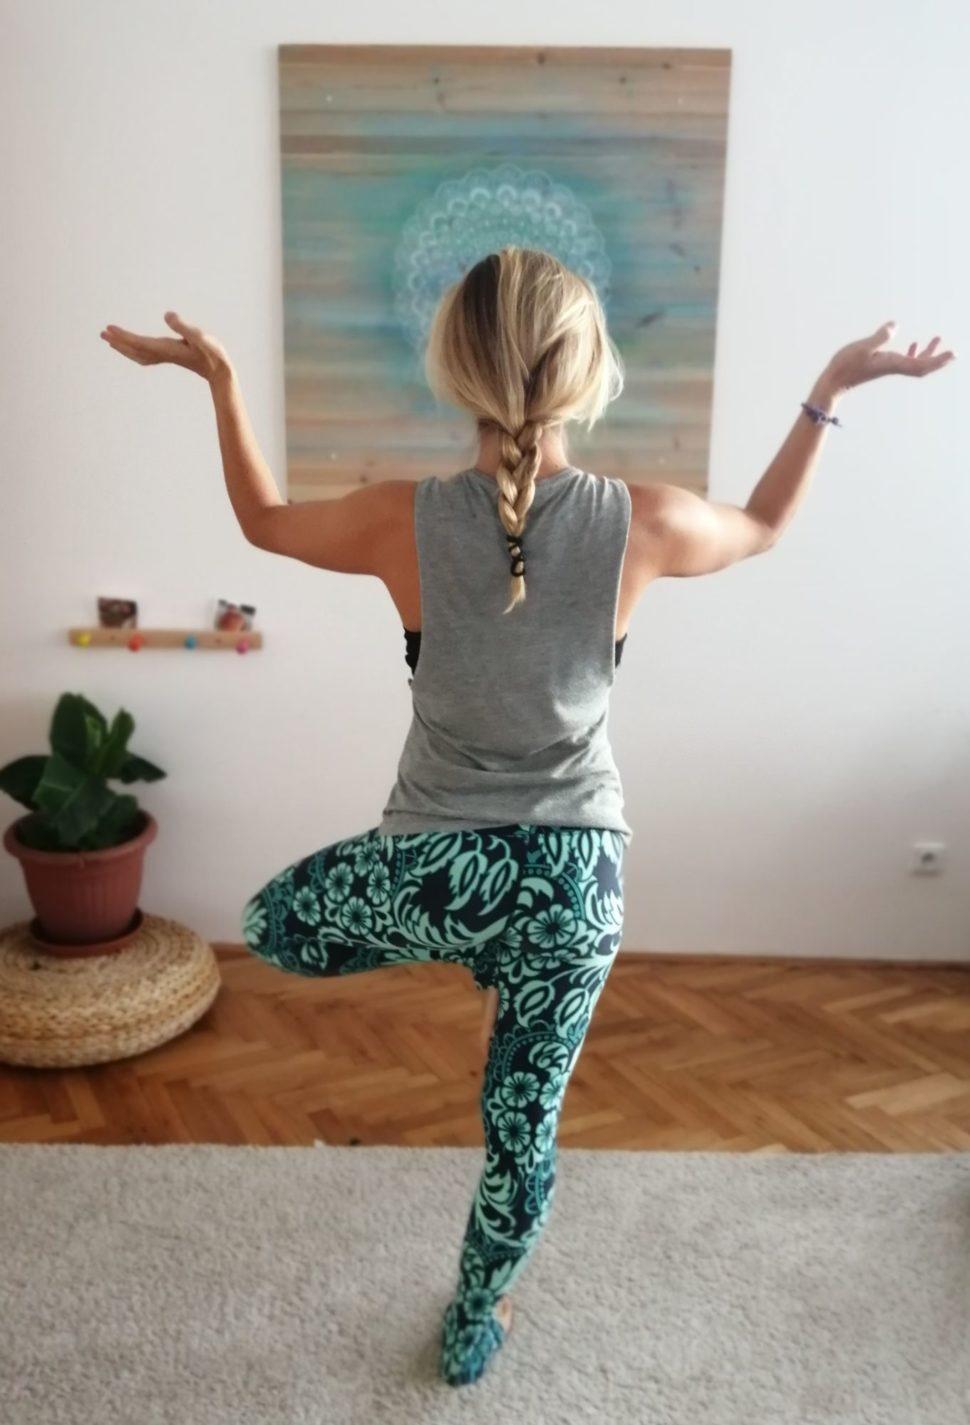 rovnováha, střed těla, uvědomění, harmonie